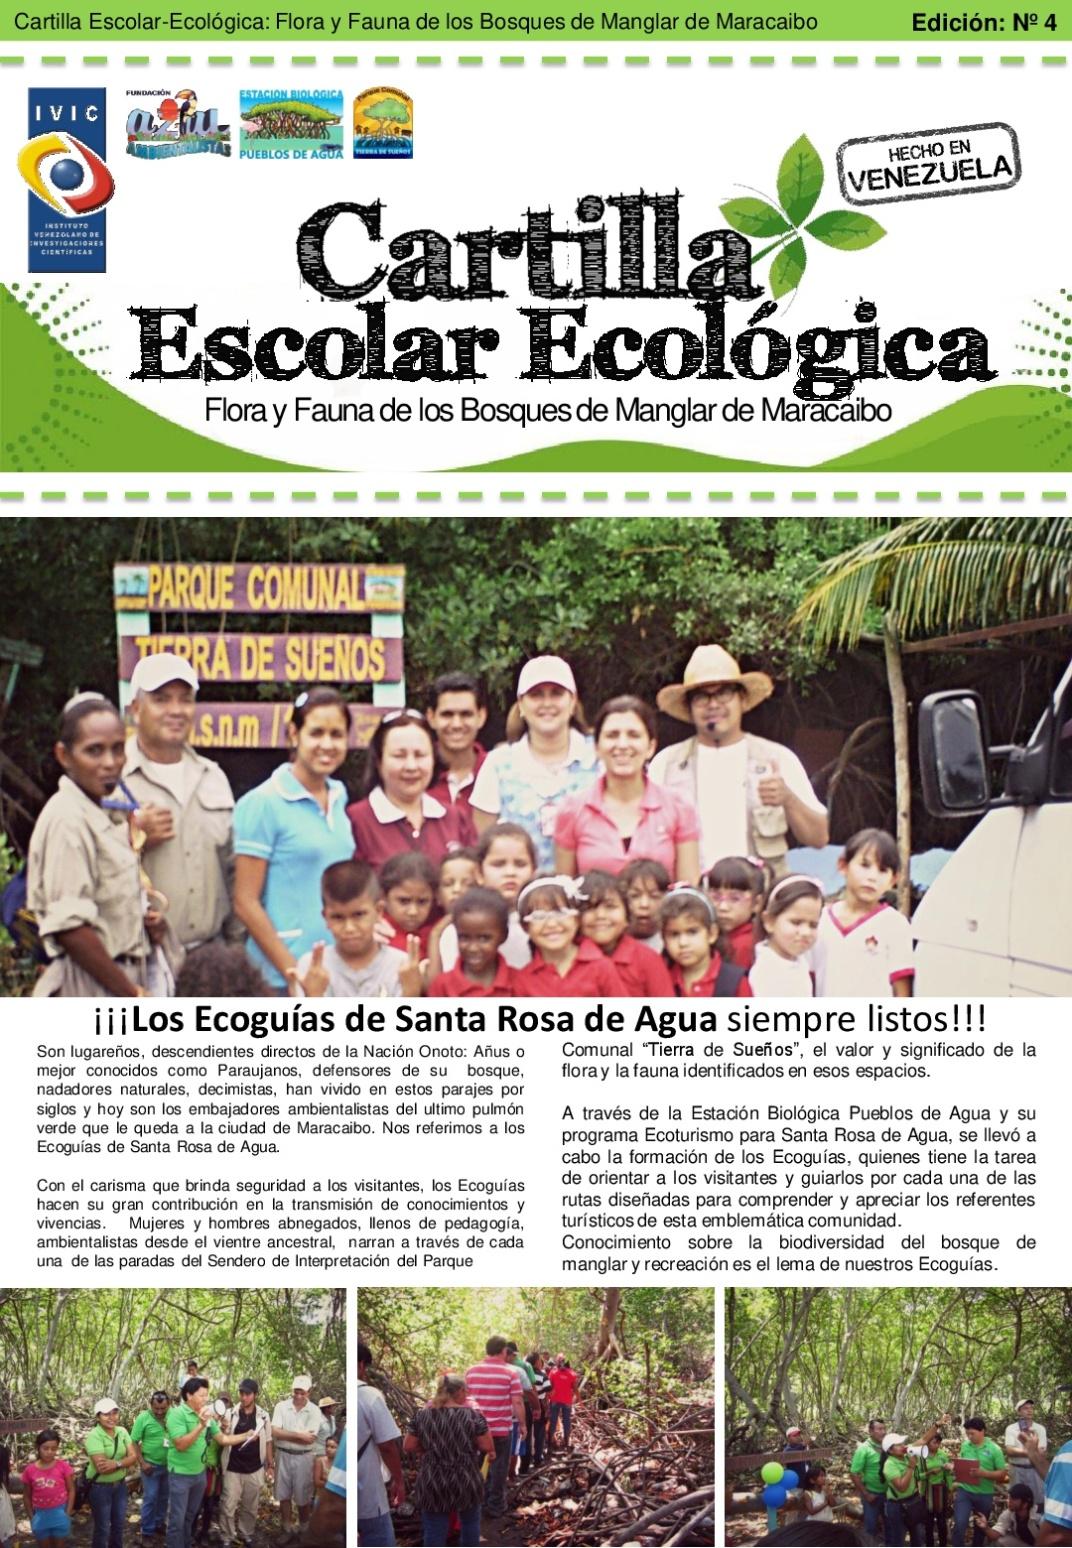 cartilla-escolar-ecologica-edicion-04-001